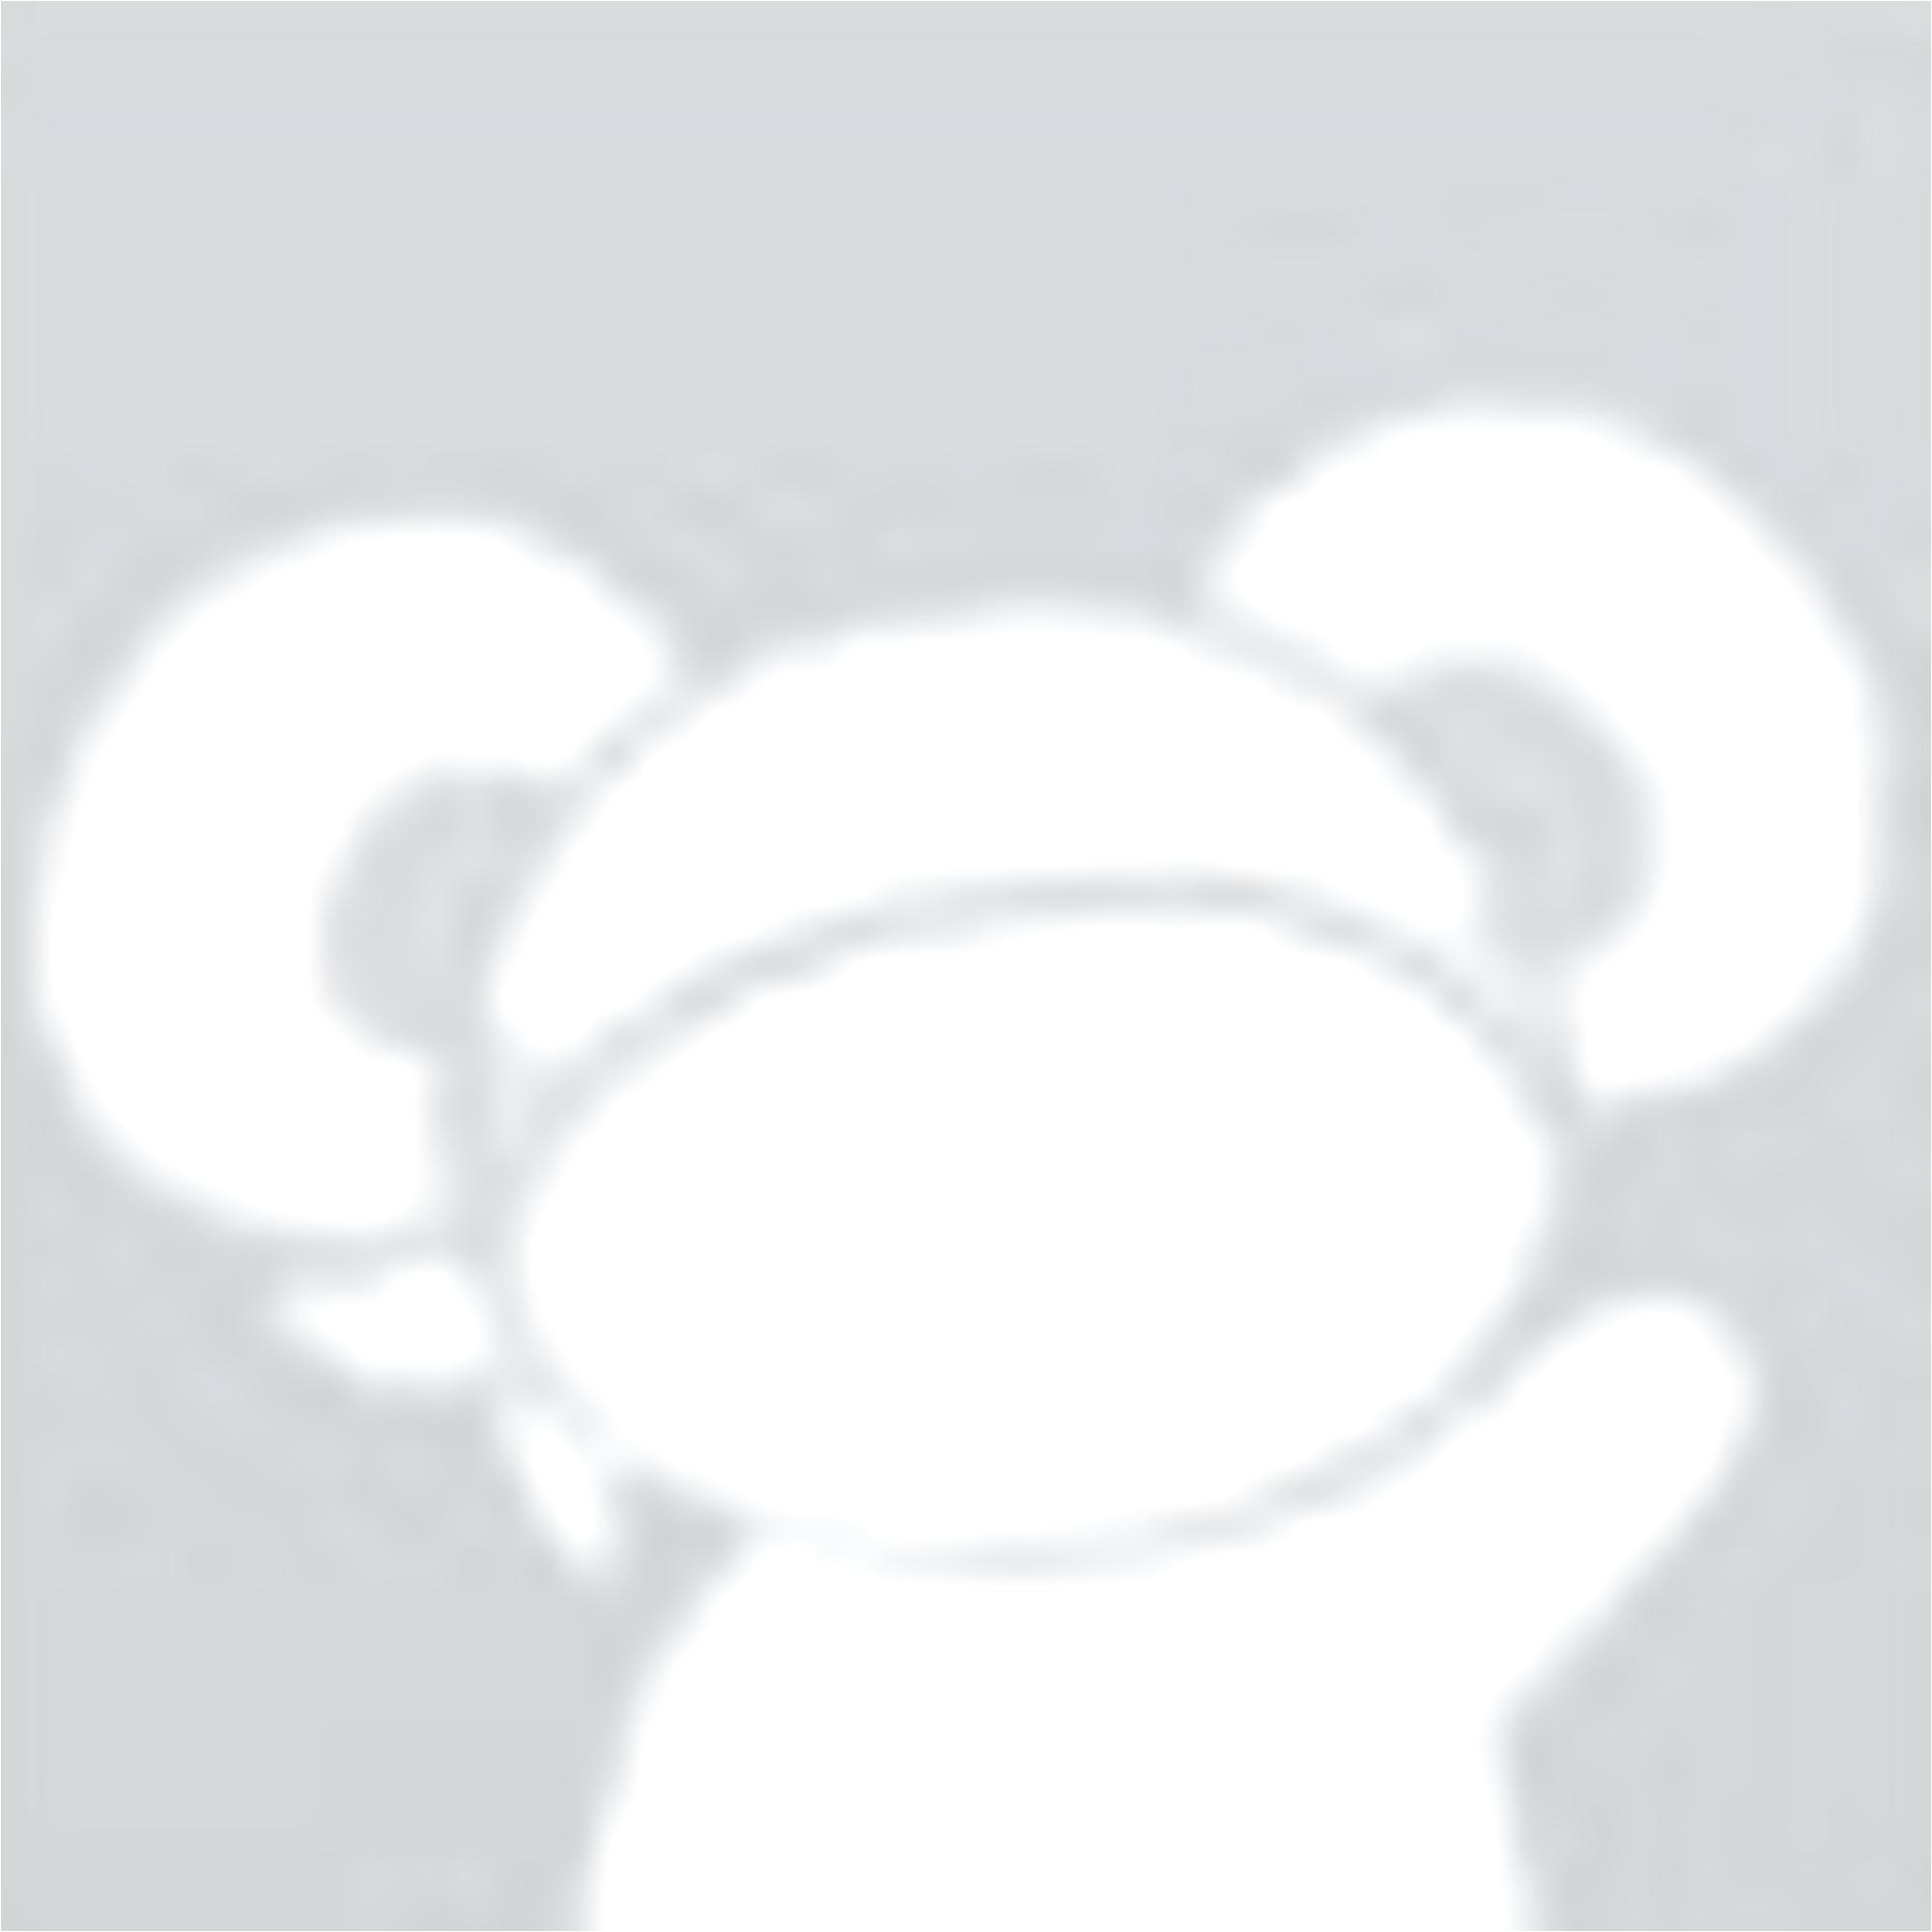 stunning regunlocker v1 9 5 teoprenalmis